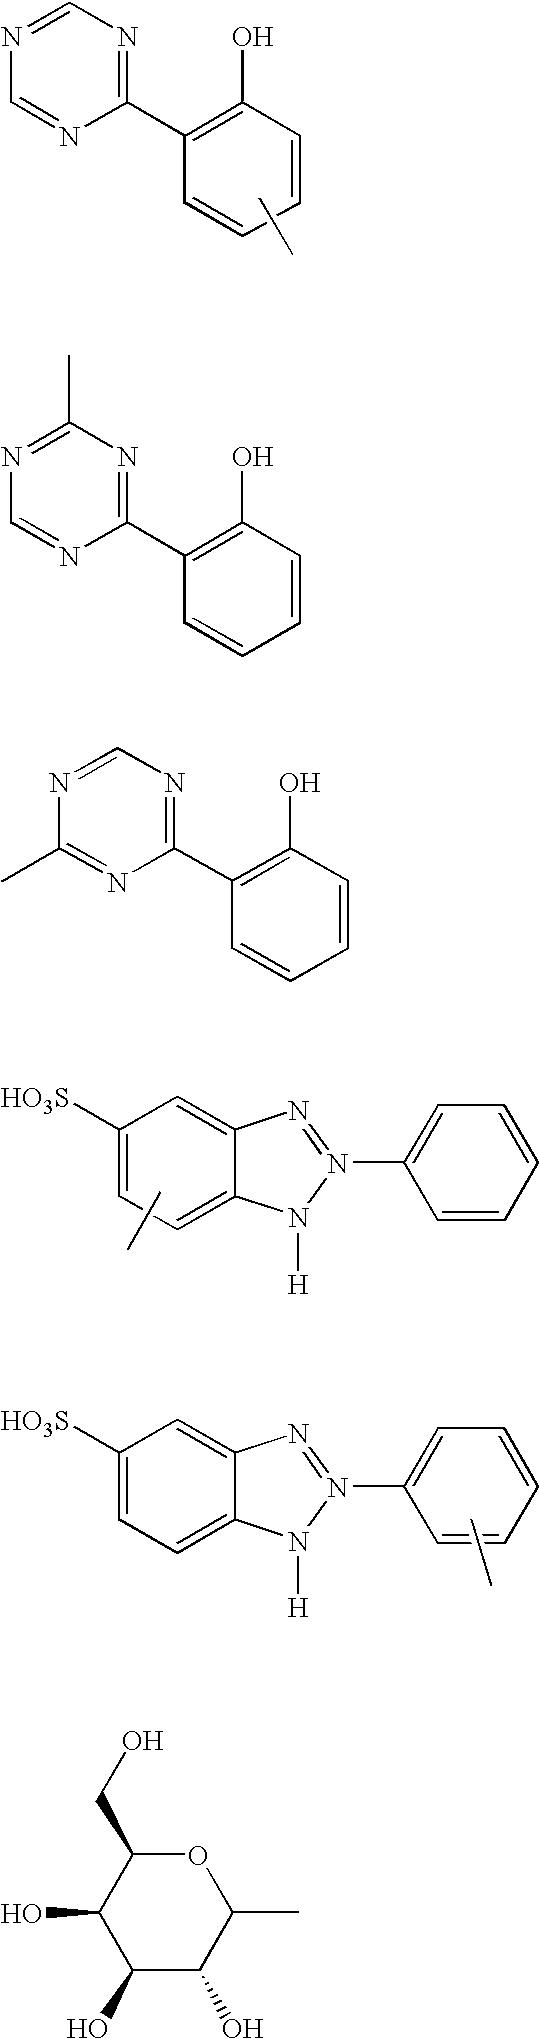 Figure US06803395-20041012-C00100